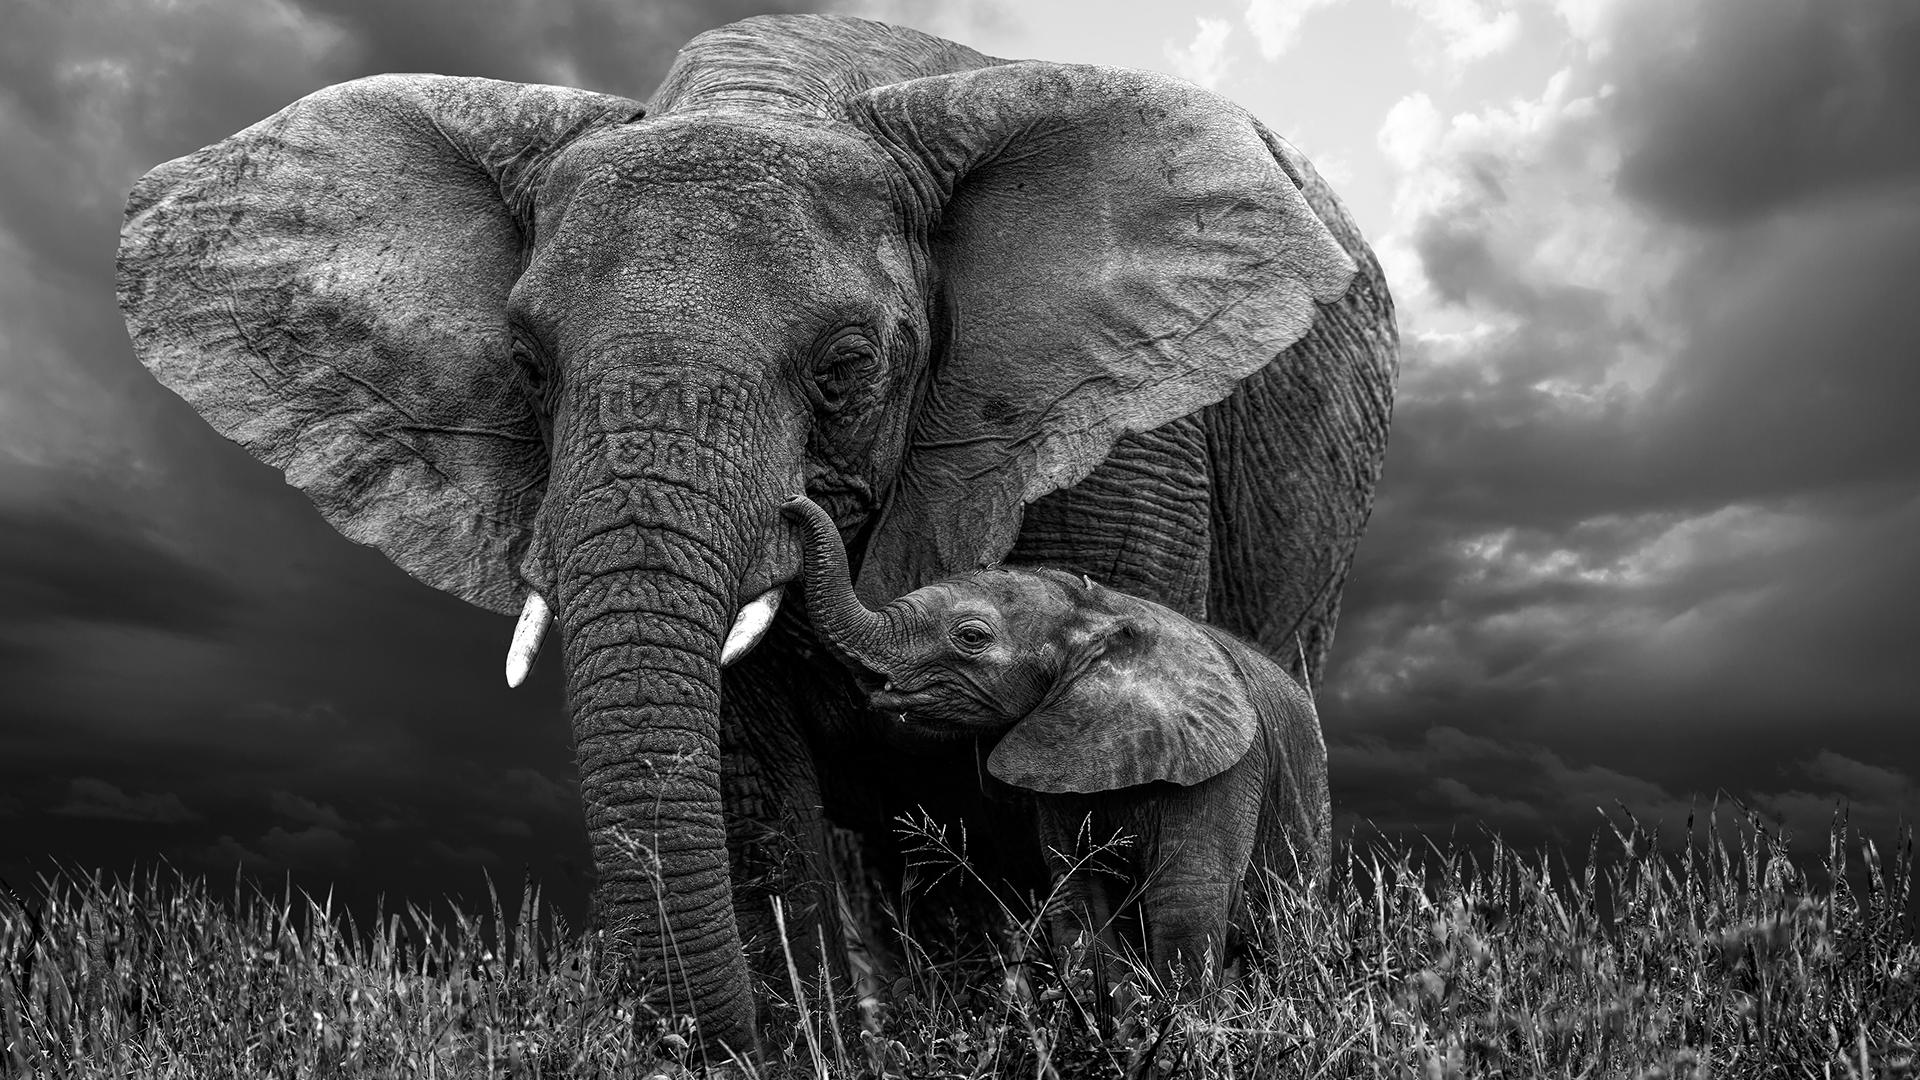 Tutkimuksen mukaan norsujen sukulaisuus ei vaikuttanut siihen miten kiinnostuneita ne olivat vainajista.